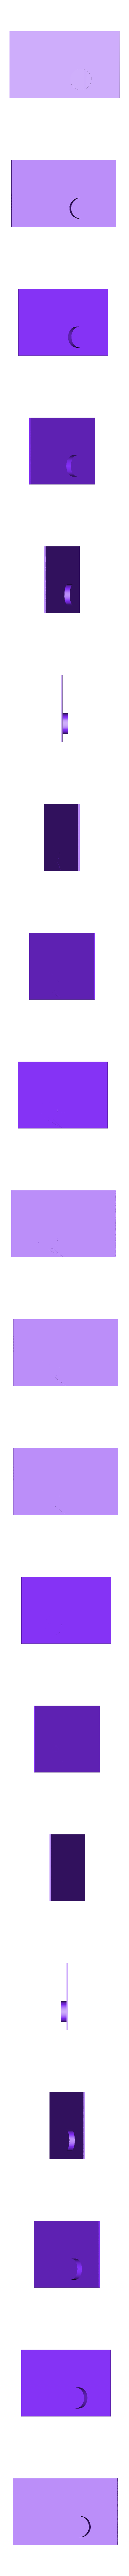 SEGUNDO_NIVEL.stl Télécharger fichier STL gratuit MAISON DE VERRE - PHILLIP JOHNSON • Modèle imprimable en 3D, Steedrick